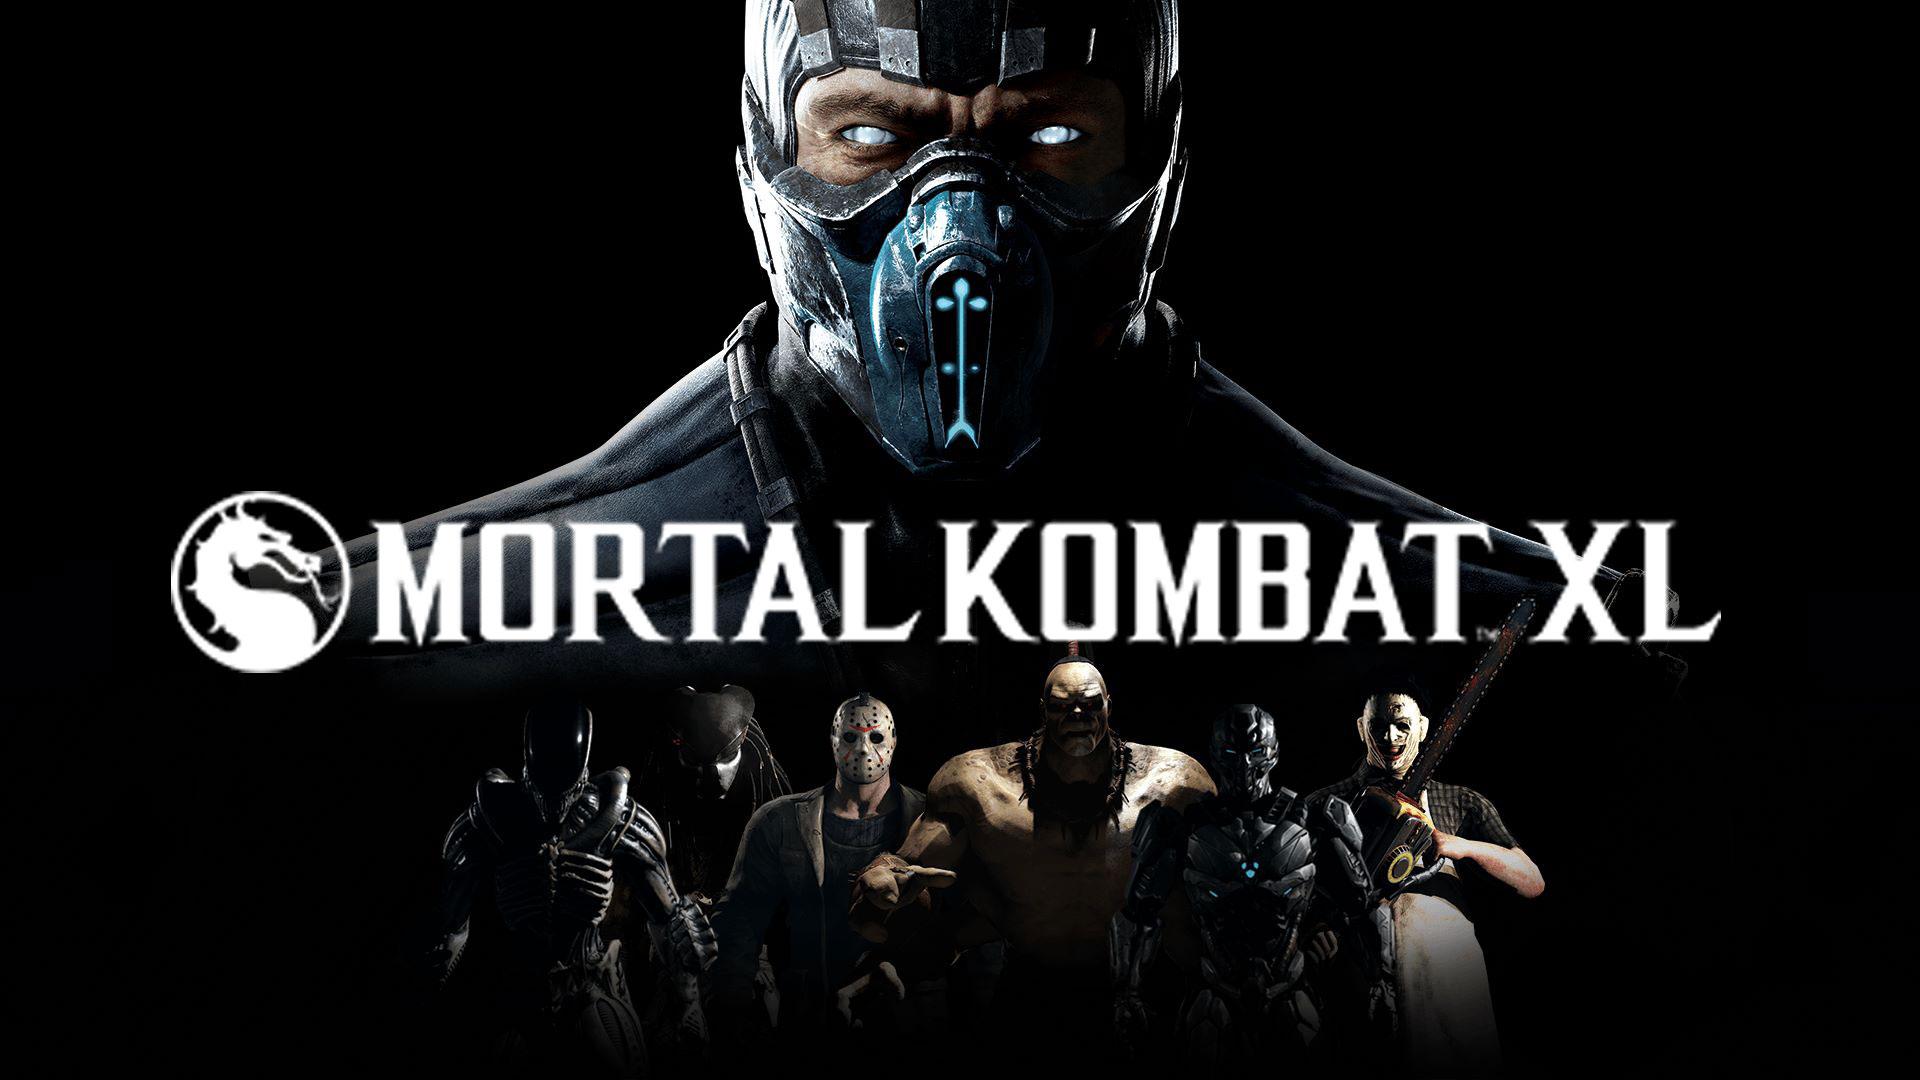 Download mortal kombat documents.openideo.com: Mortal